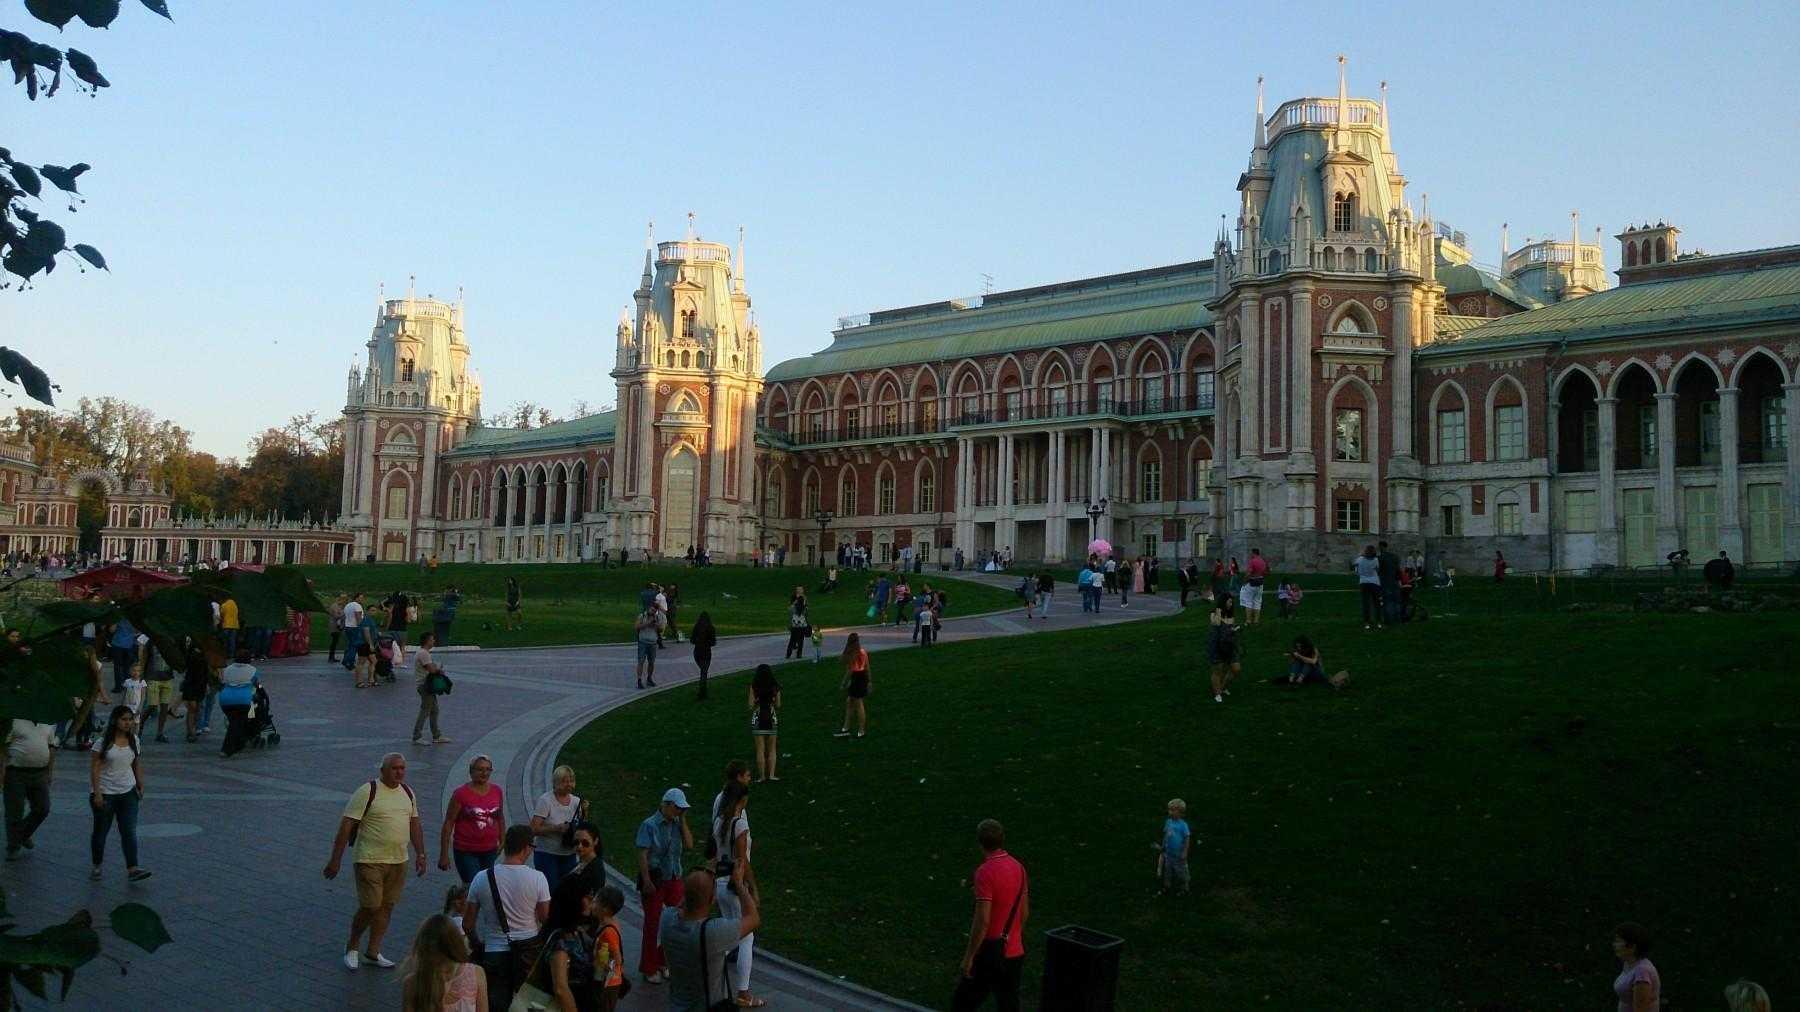 Что посмотреть в москве за 3 дня самостоятельно: куда сходить в москве, достопримечательности, экскурсии, отзывы с фото на туристер.ру